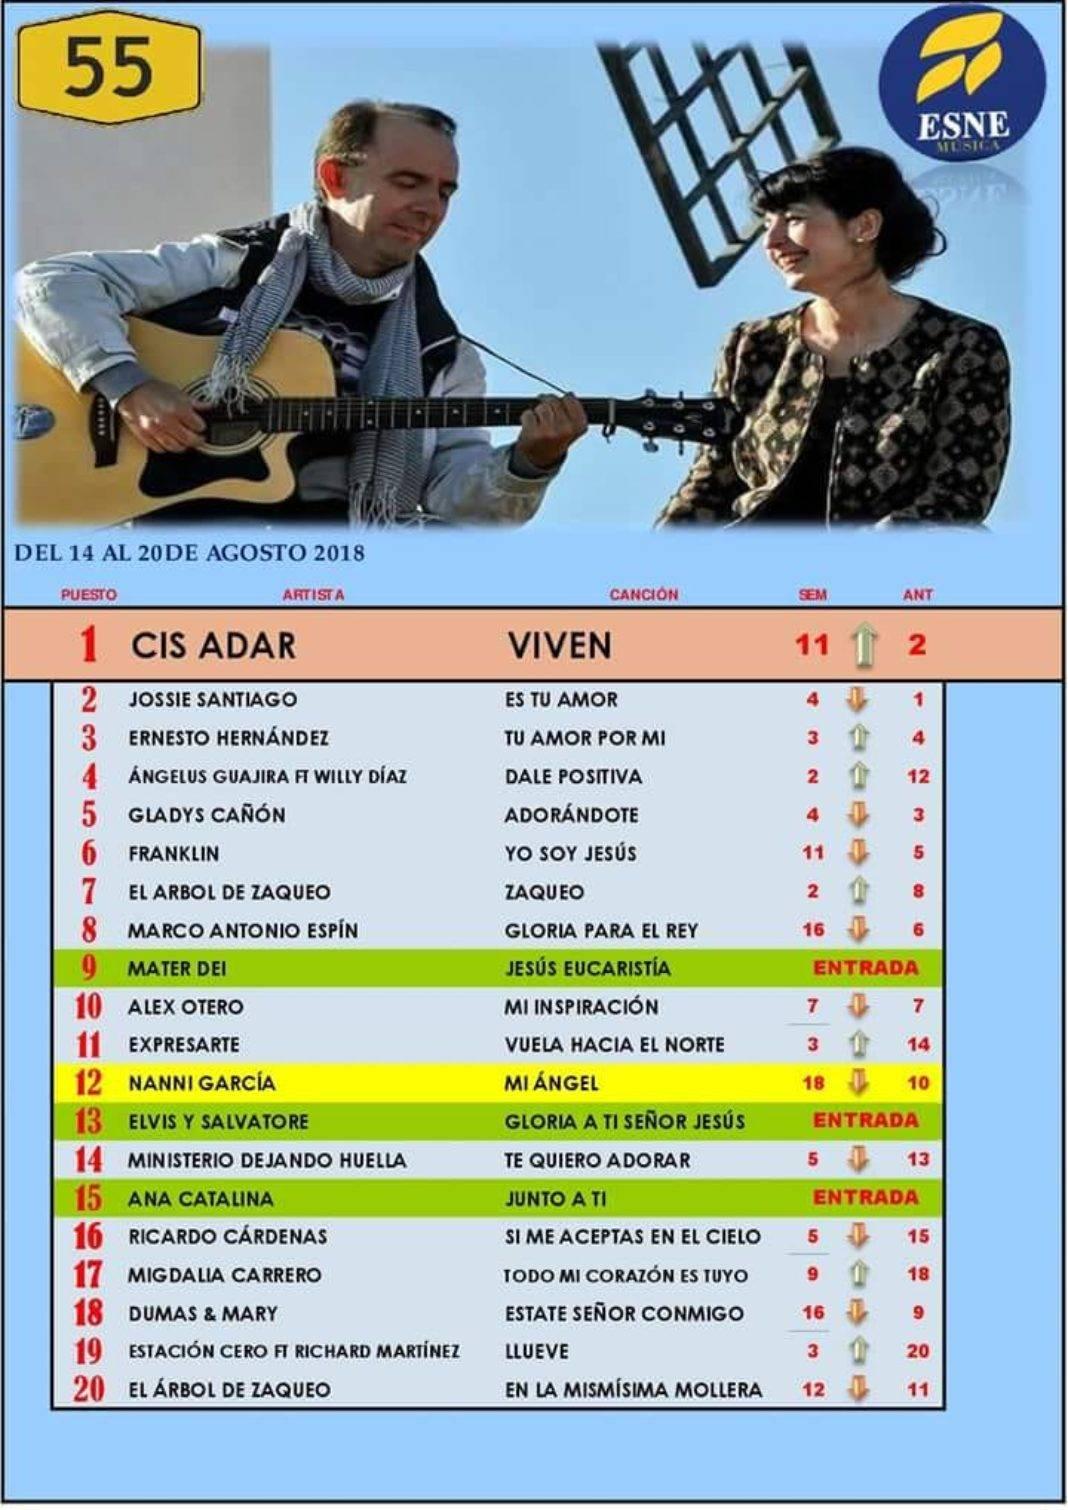 Cis Adar alcanza el número uno de la lista de vídeos católicos de ENSE RADIO 4